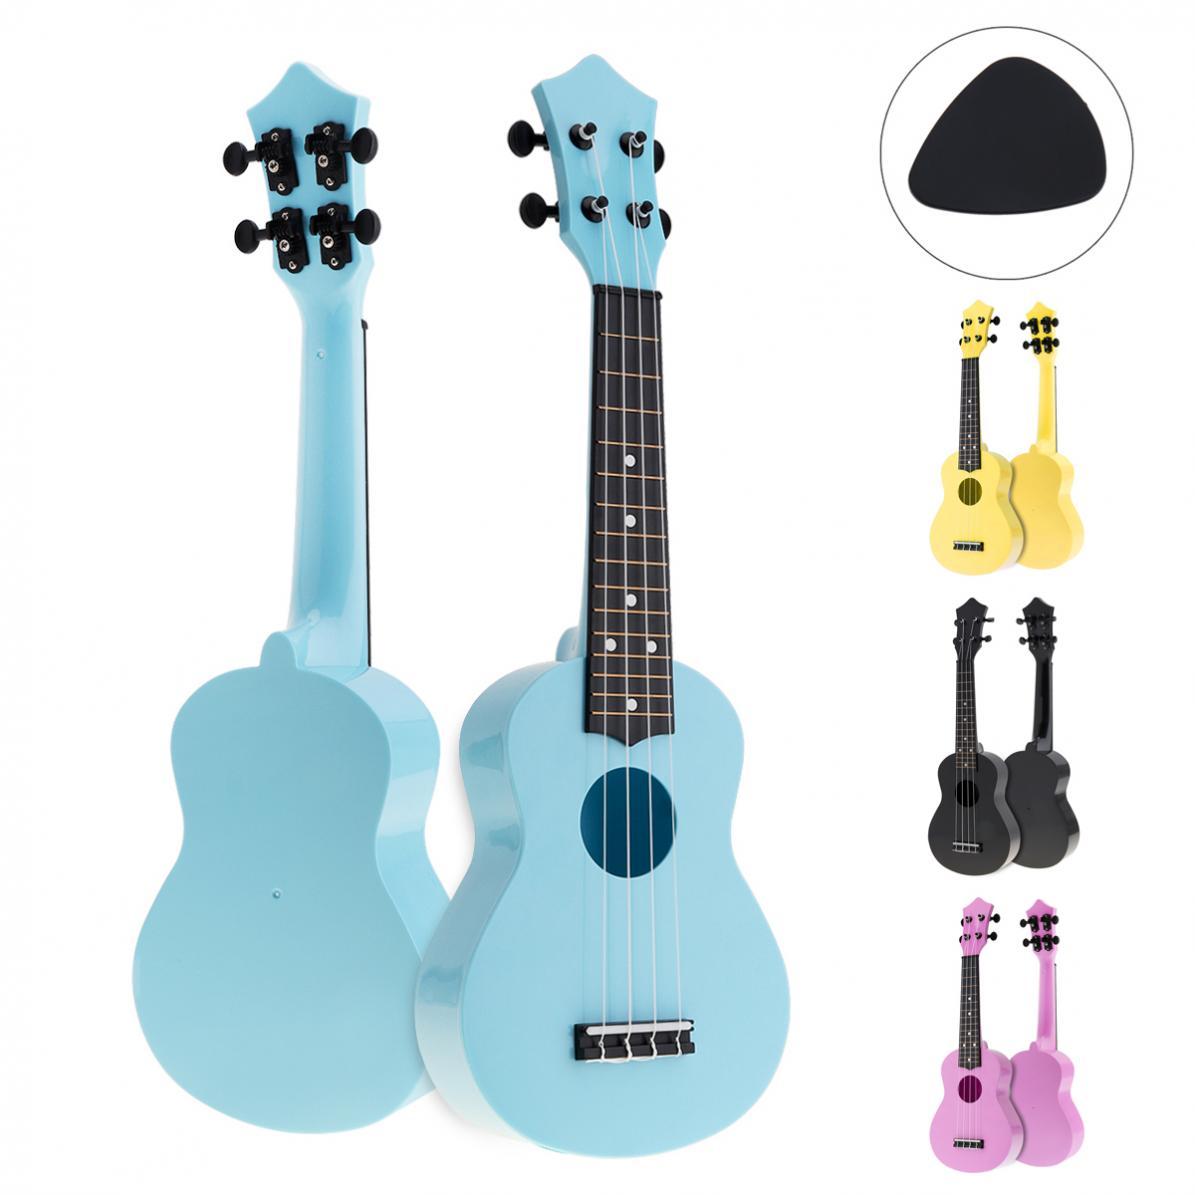 21 Polegada Colorido Acústico Ukulele Uke 4 Cordas Hawaii Guitarra Guitarra Instrumento Musica para Crianças e Música Iniciante